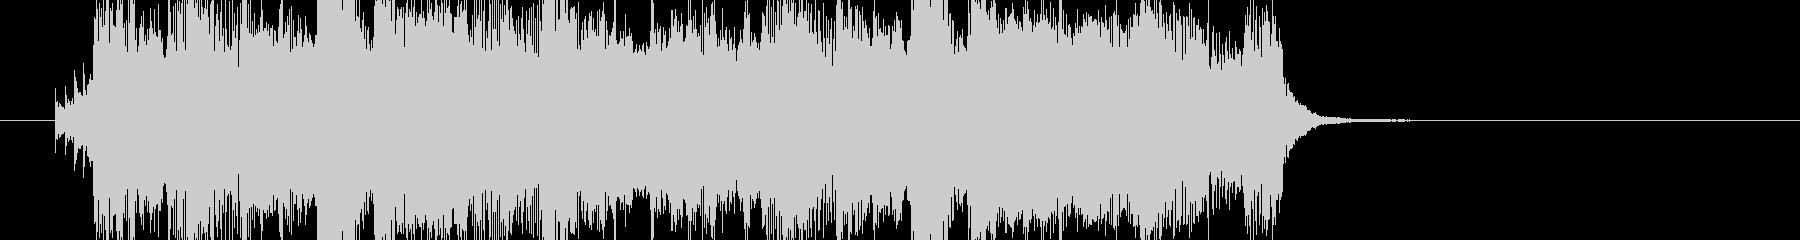 明るいエンディング風なBGMの未再生の波形